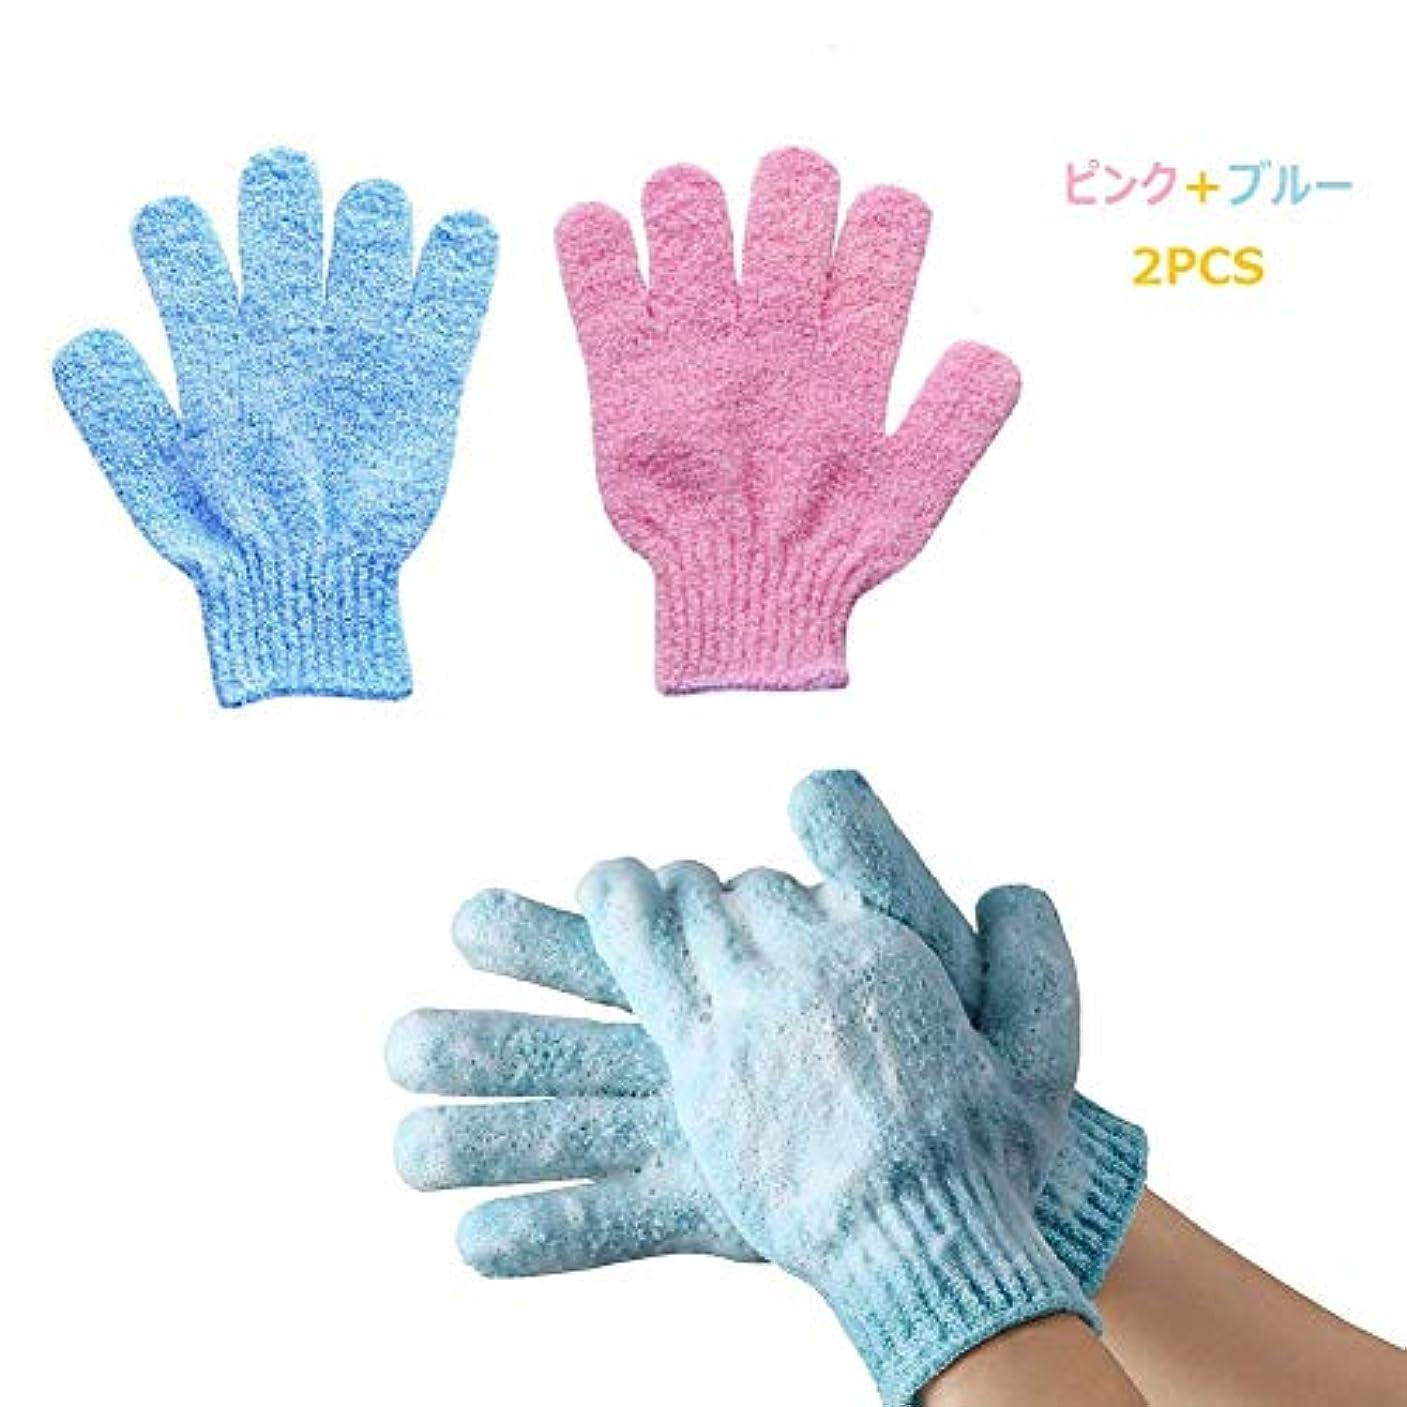 習字はしご争いROOFTOPS お風呂手袋 五本指 シャワーグローブ 泡立ち 柔らかい 入浴用品 角質除去 垢すり 2PCS (ピンク+ブルー)